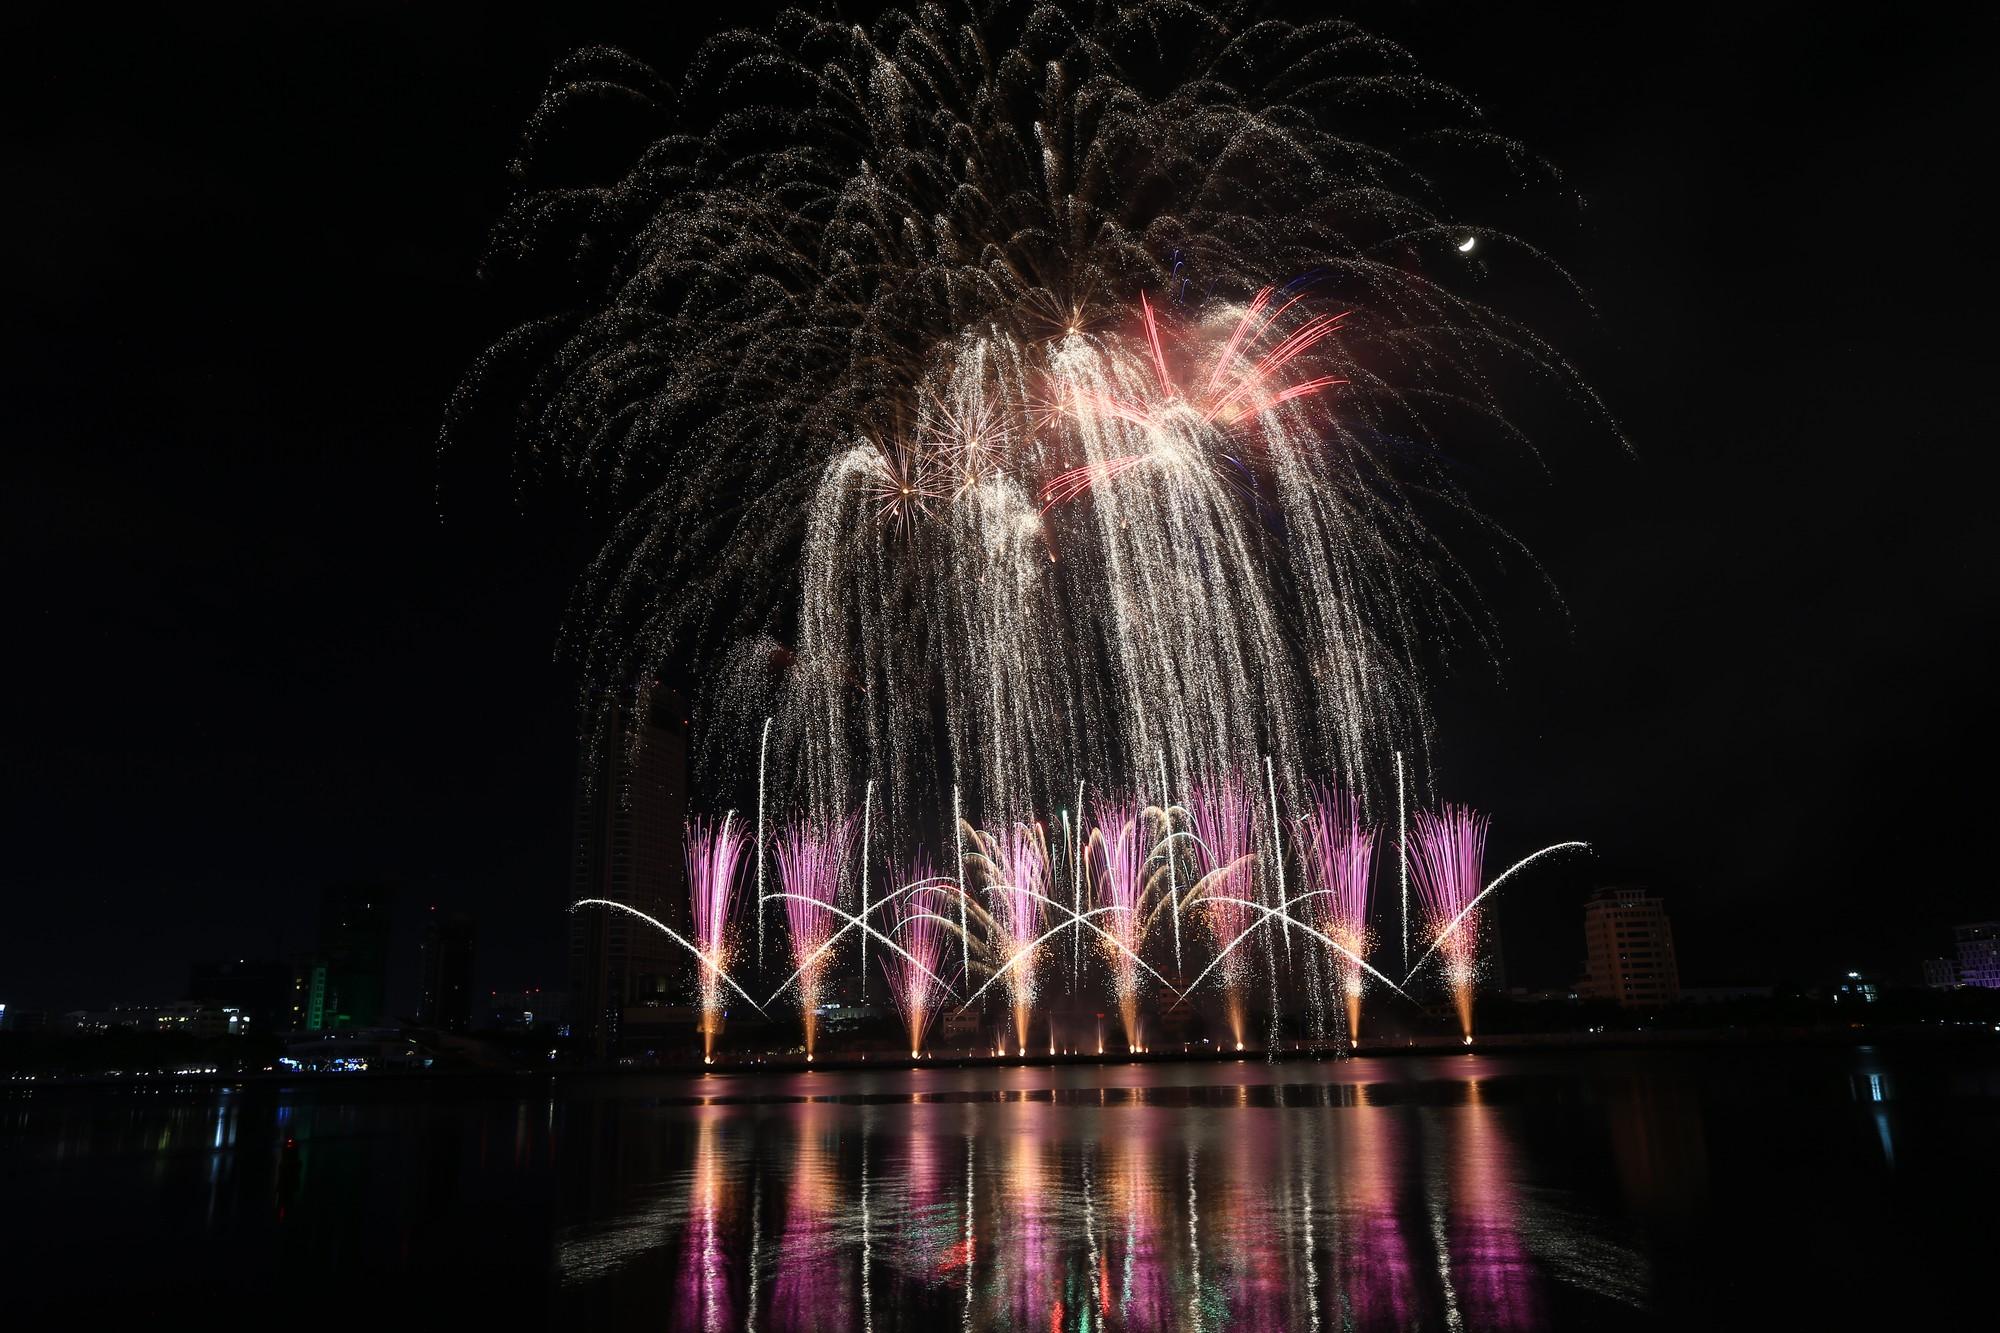 Brasil và Bỉ gửi thông điệp tình yêu bằng ánh sáng pháo hoa trên sông Hàn - Ảnh 2.